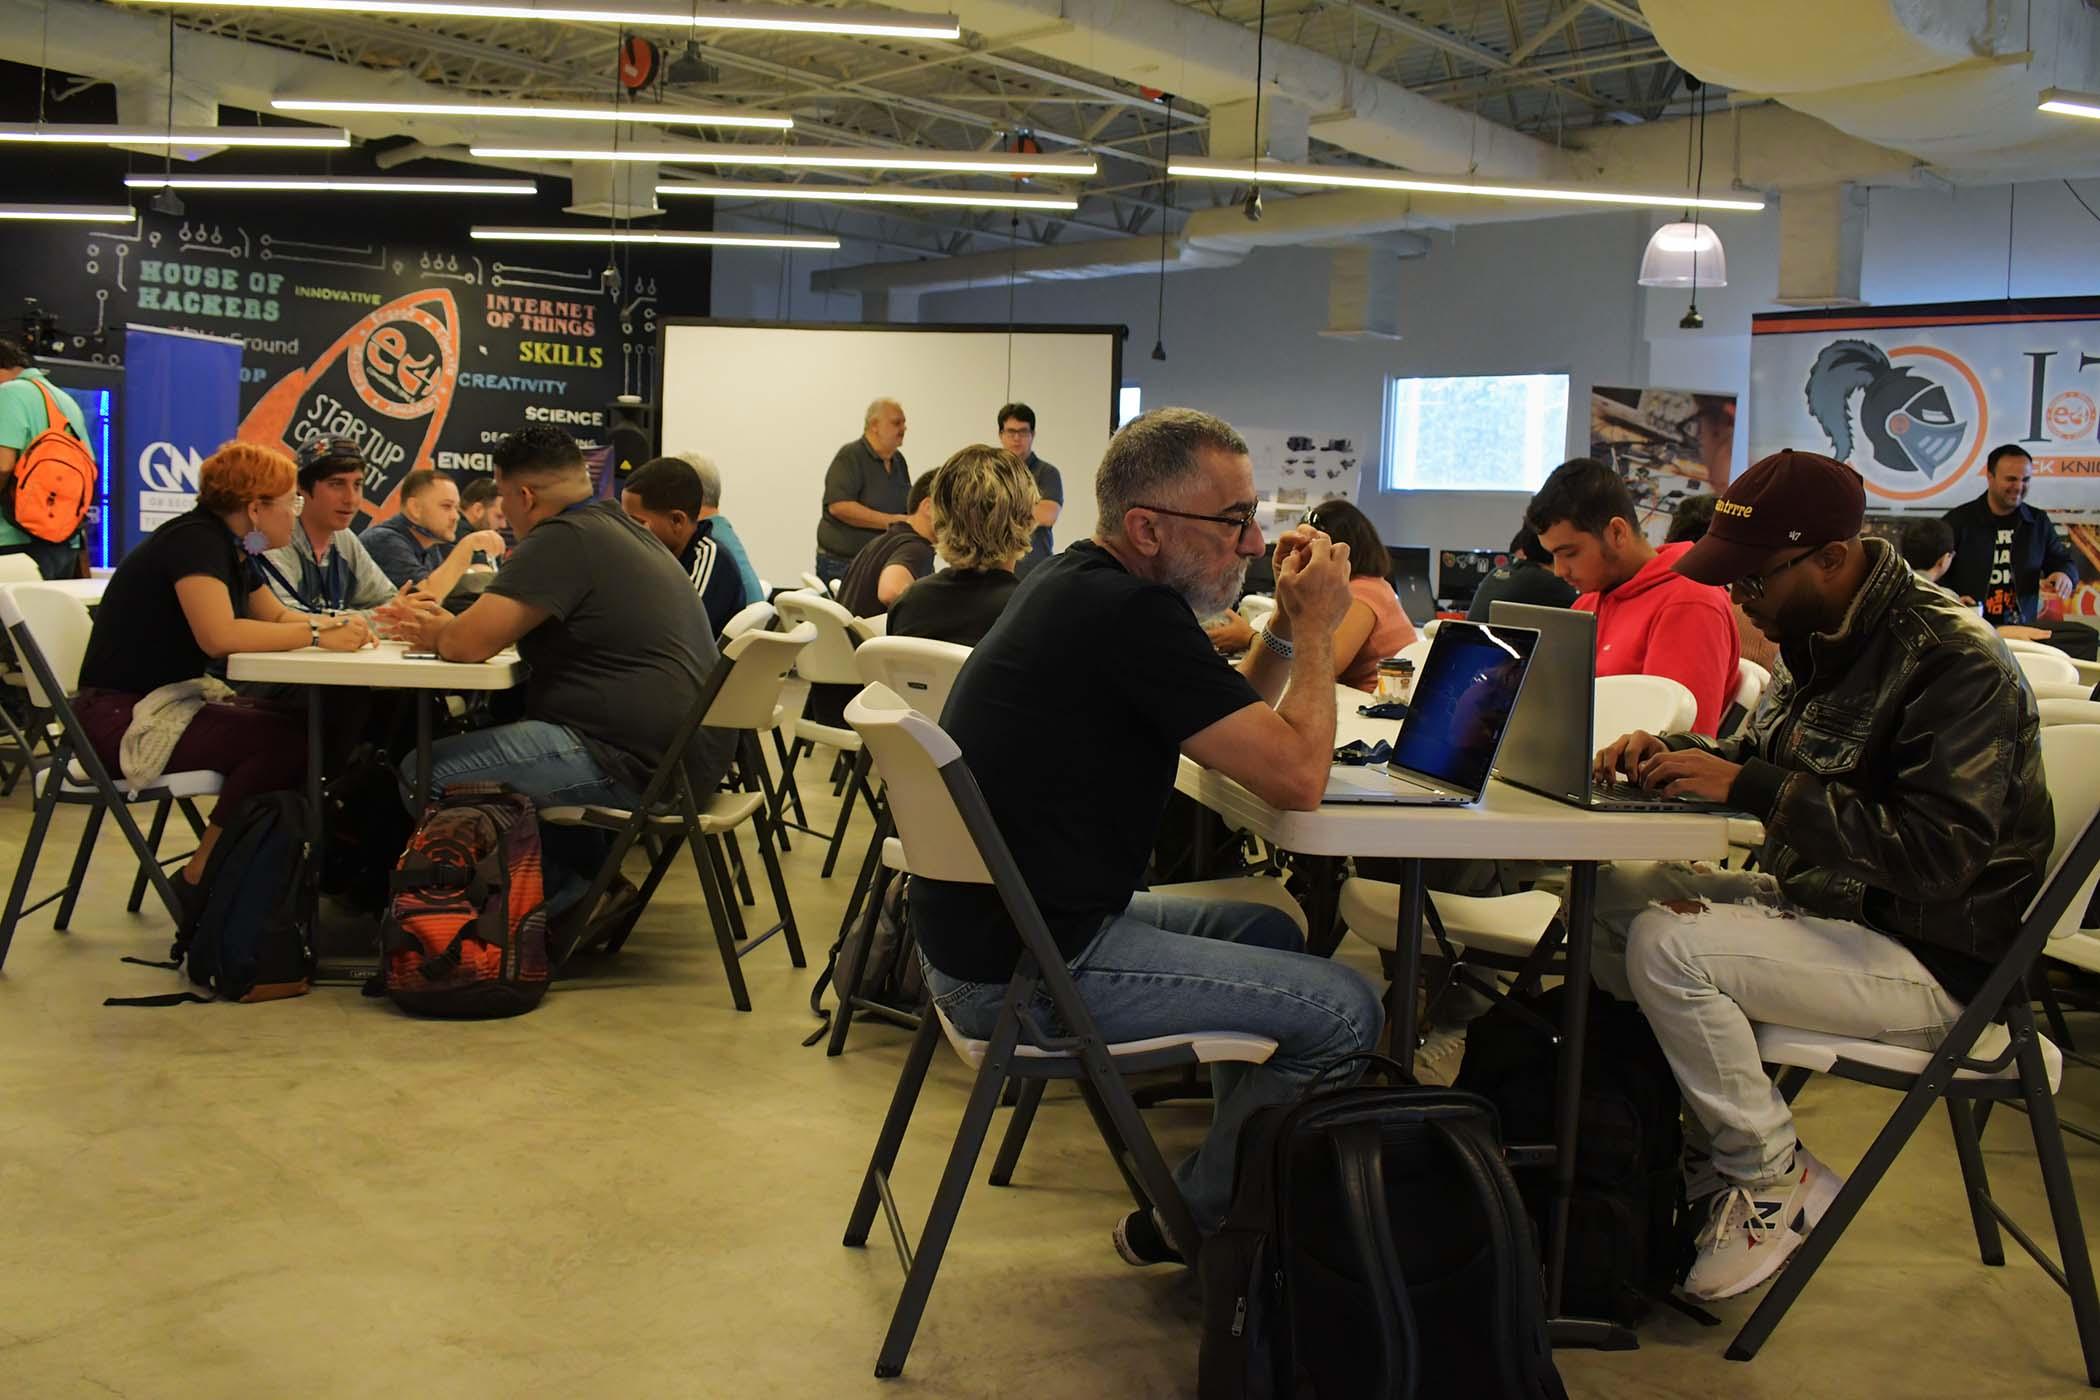 Galería: Hacker Lab 3.0